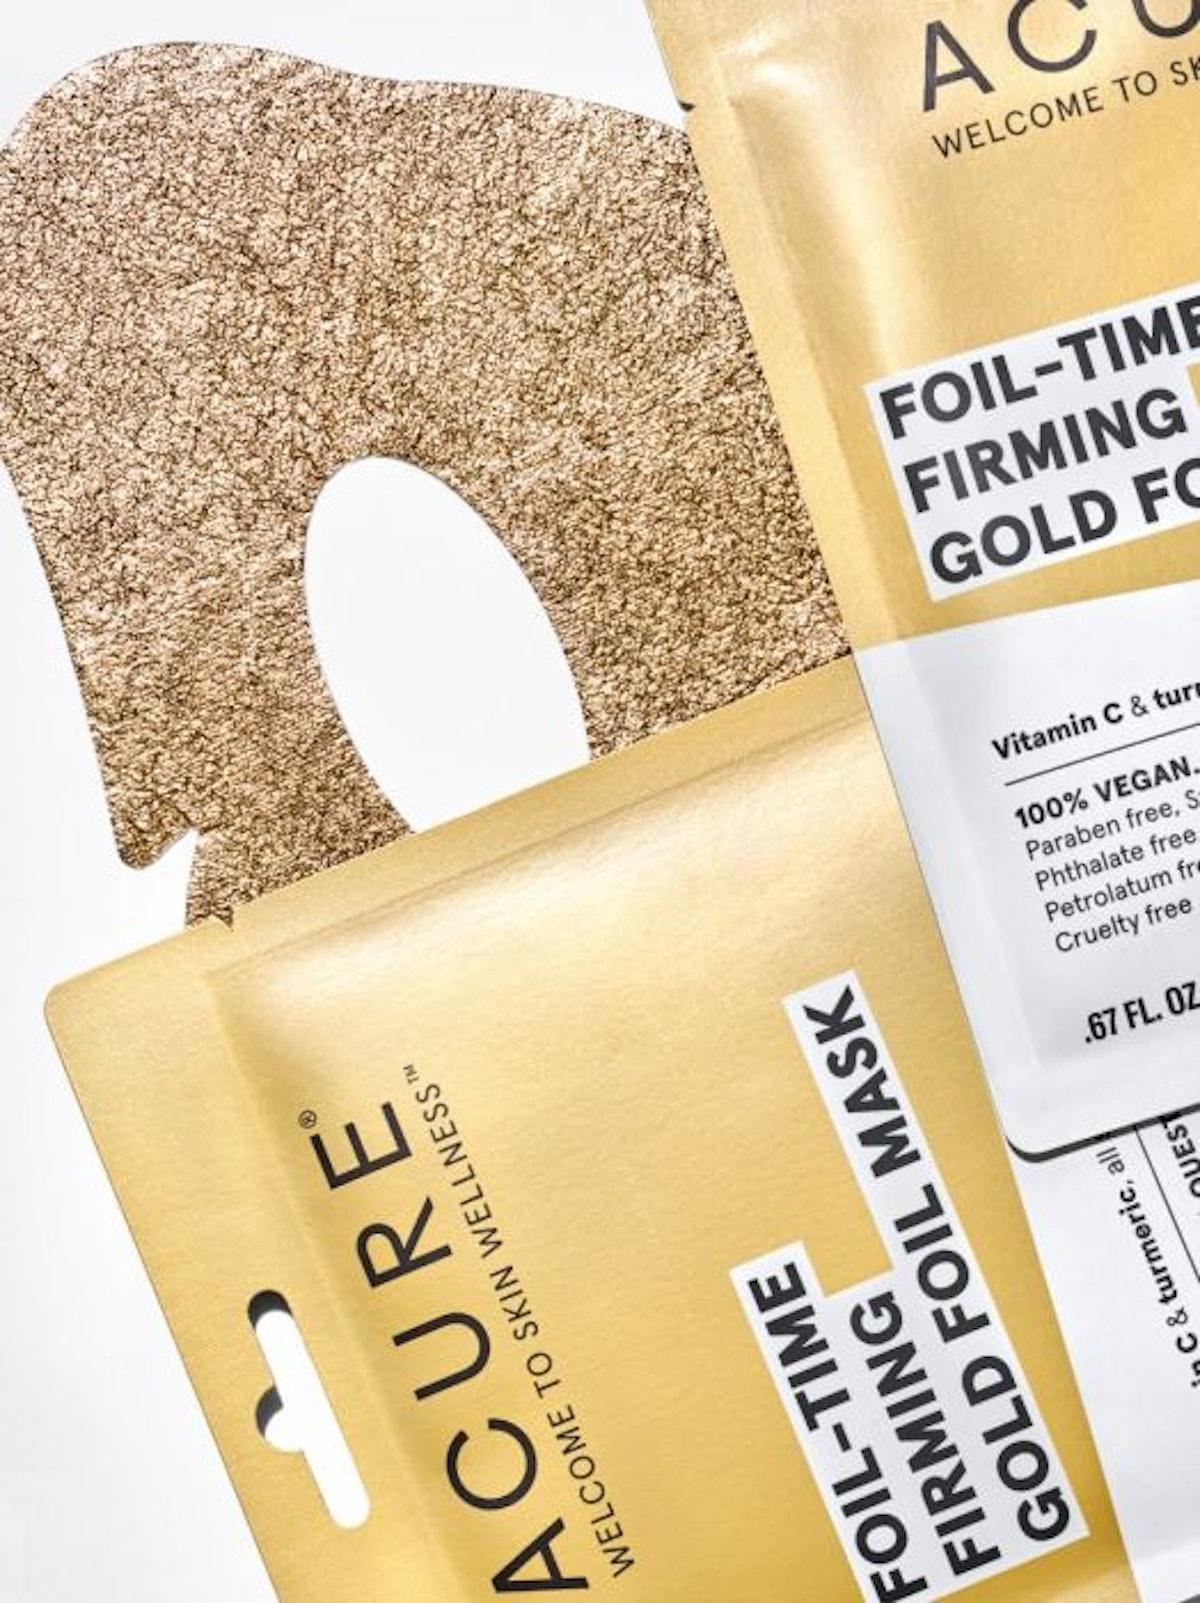 Foil-Time Firming Gold Foil Mask